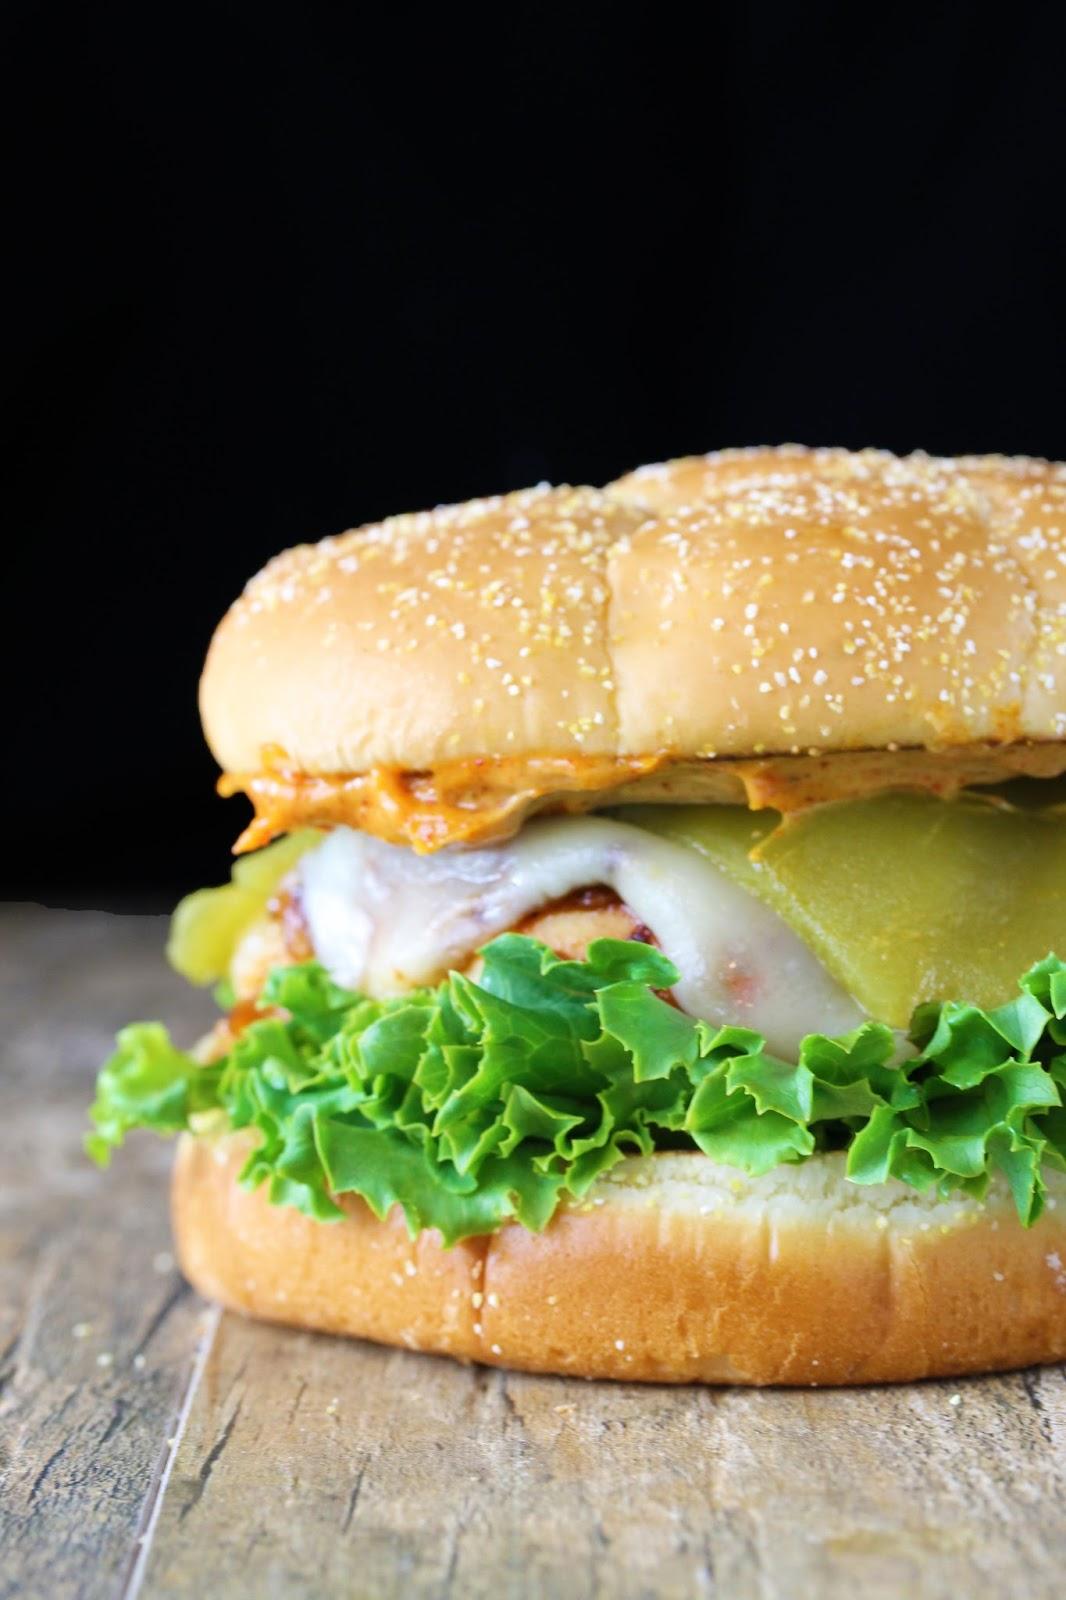 Sante Fe Grilled Chicken Sandwich (Carls Jr. Copycat